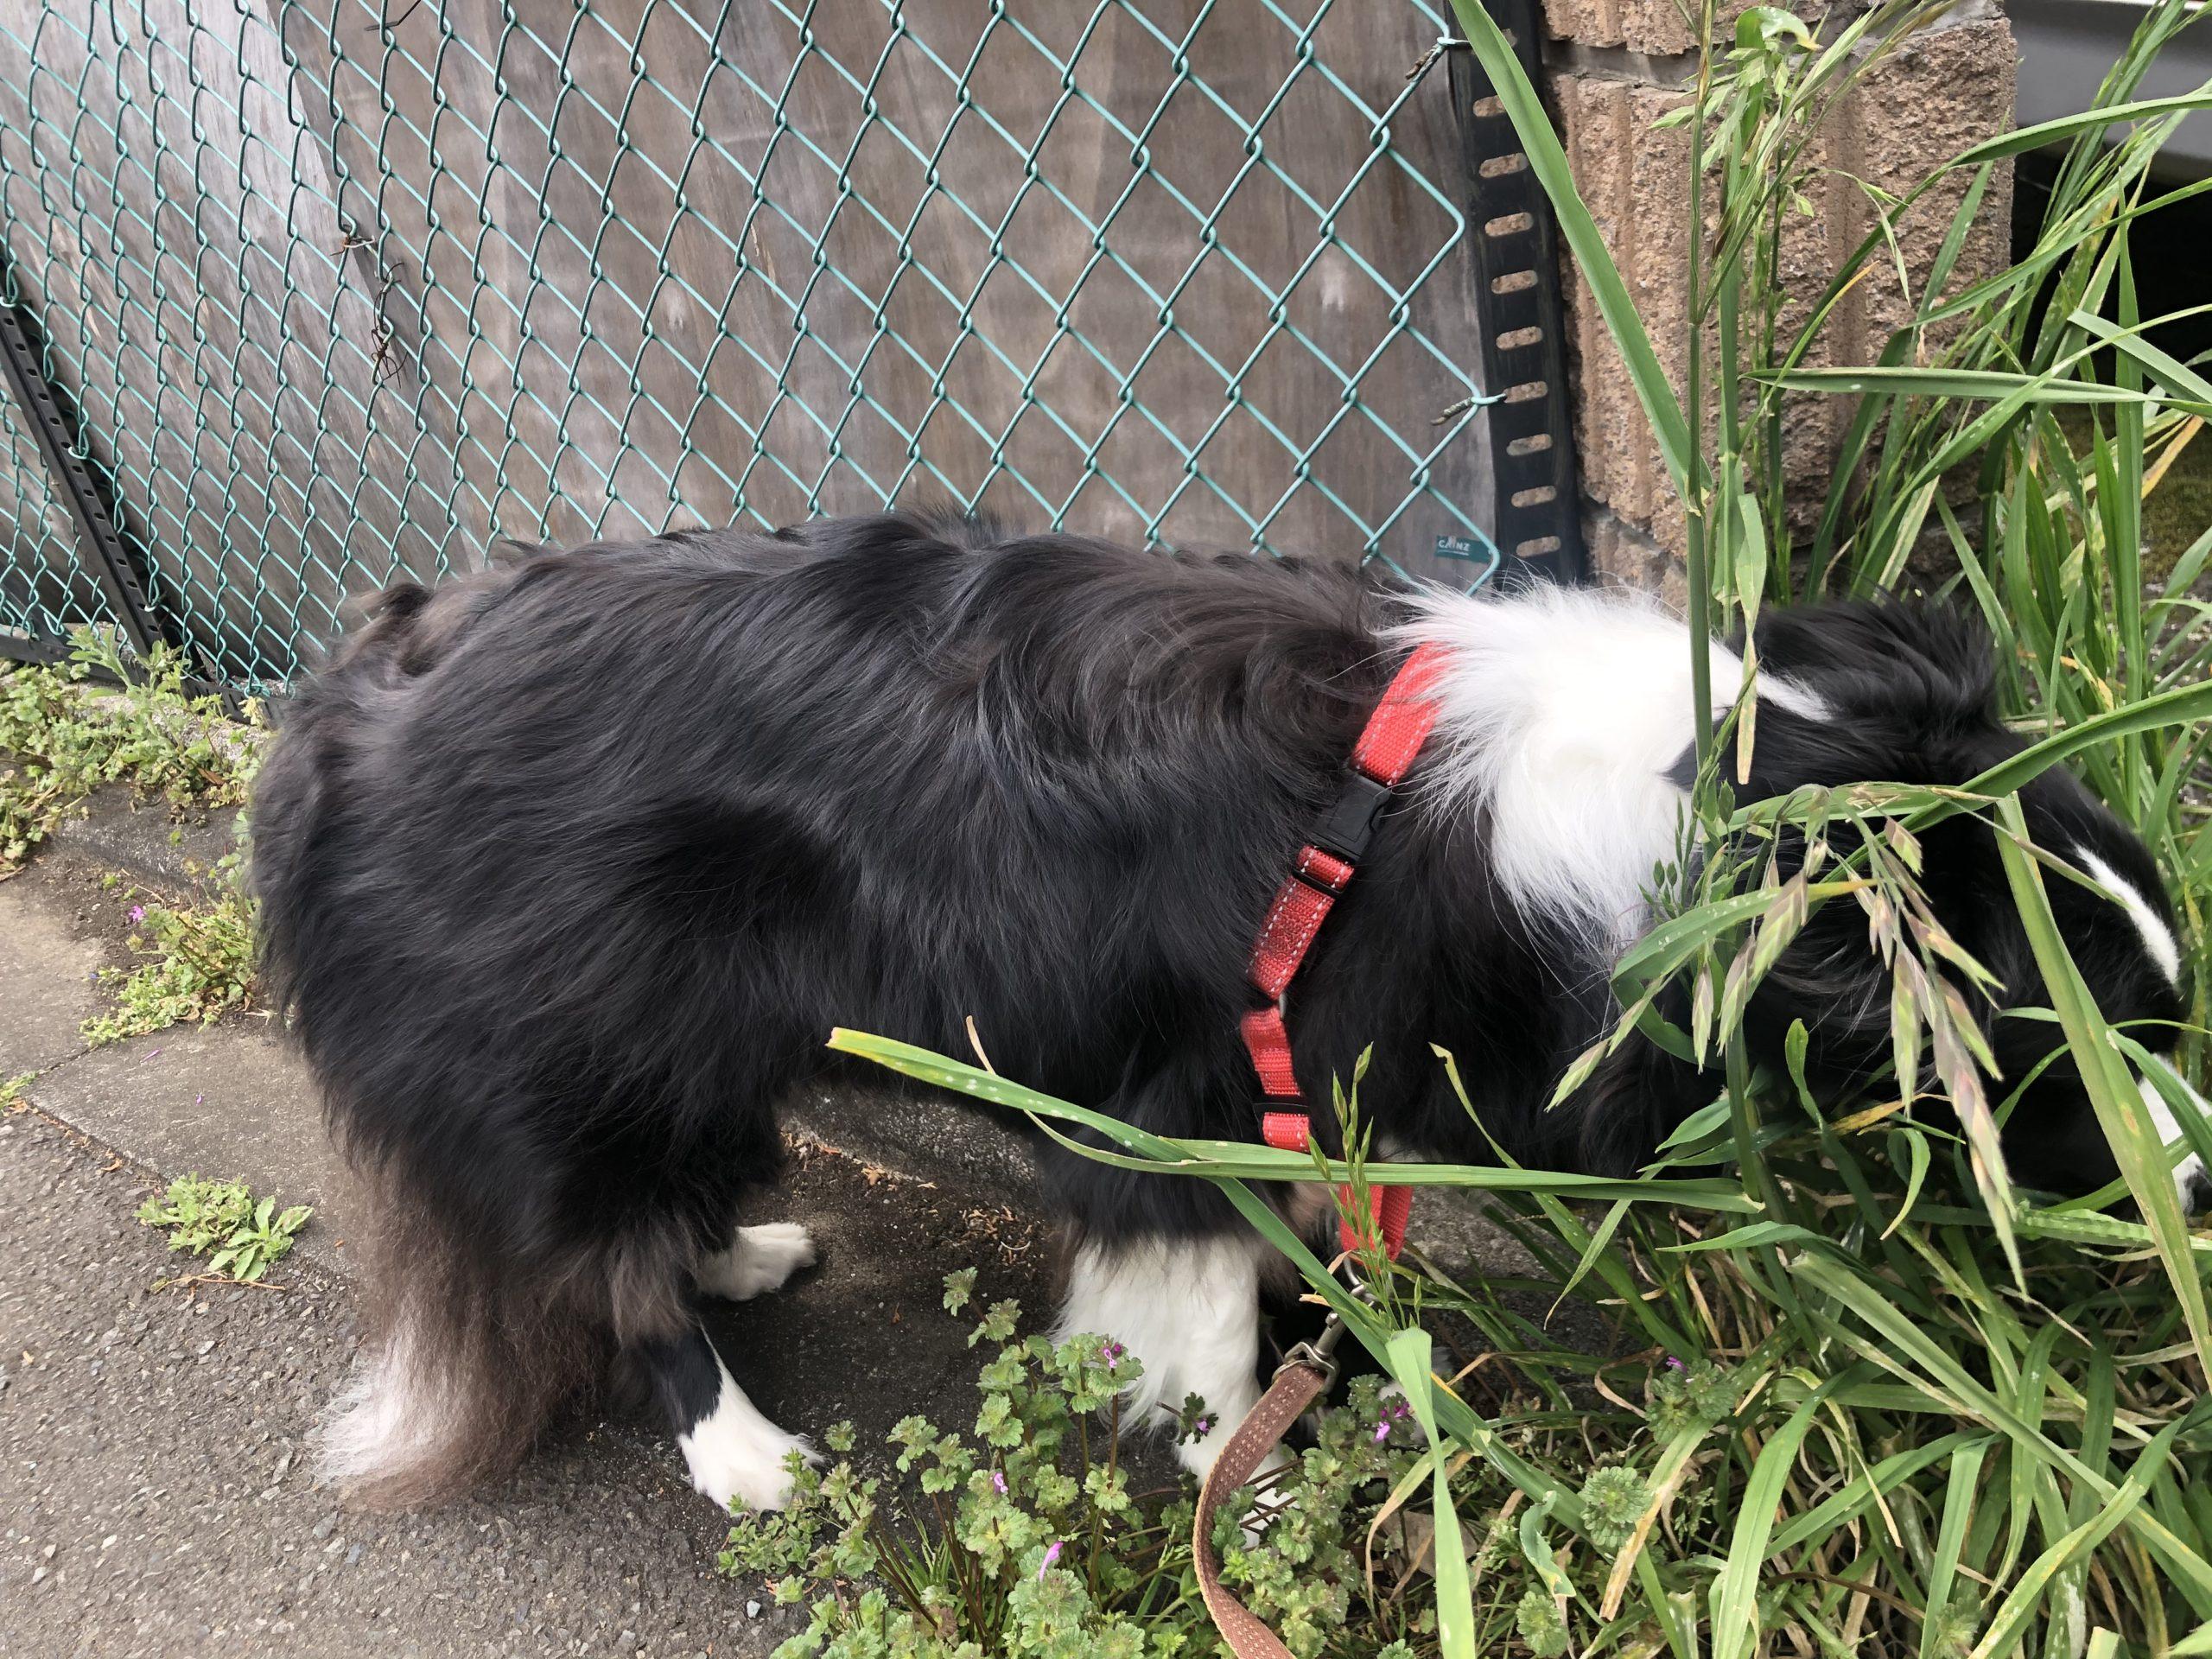 全ての引っ張る犬におすすめしたいお散歩ハーネス。イージーウォークハーネス